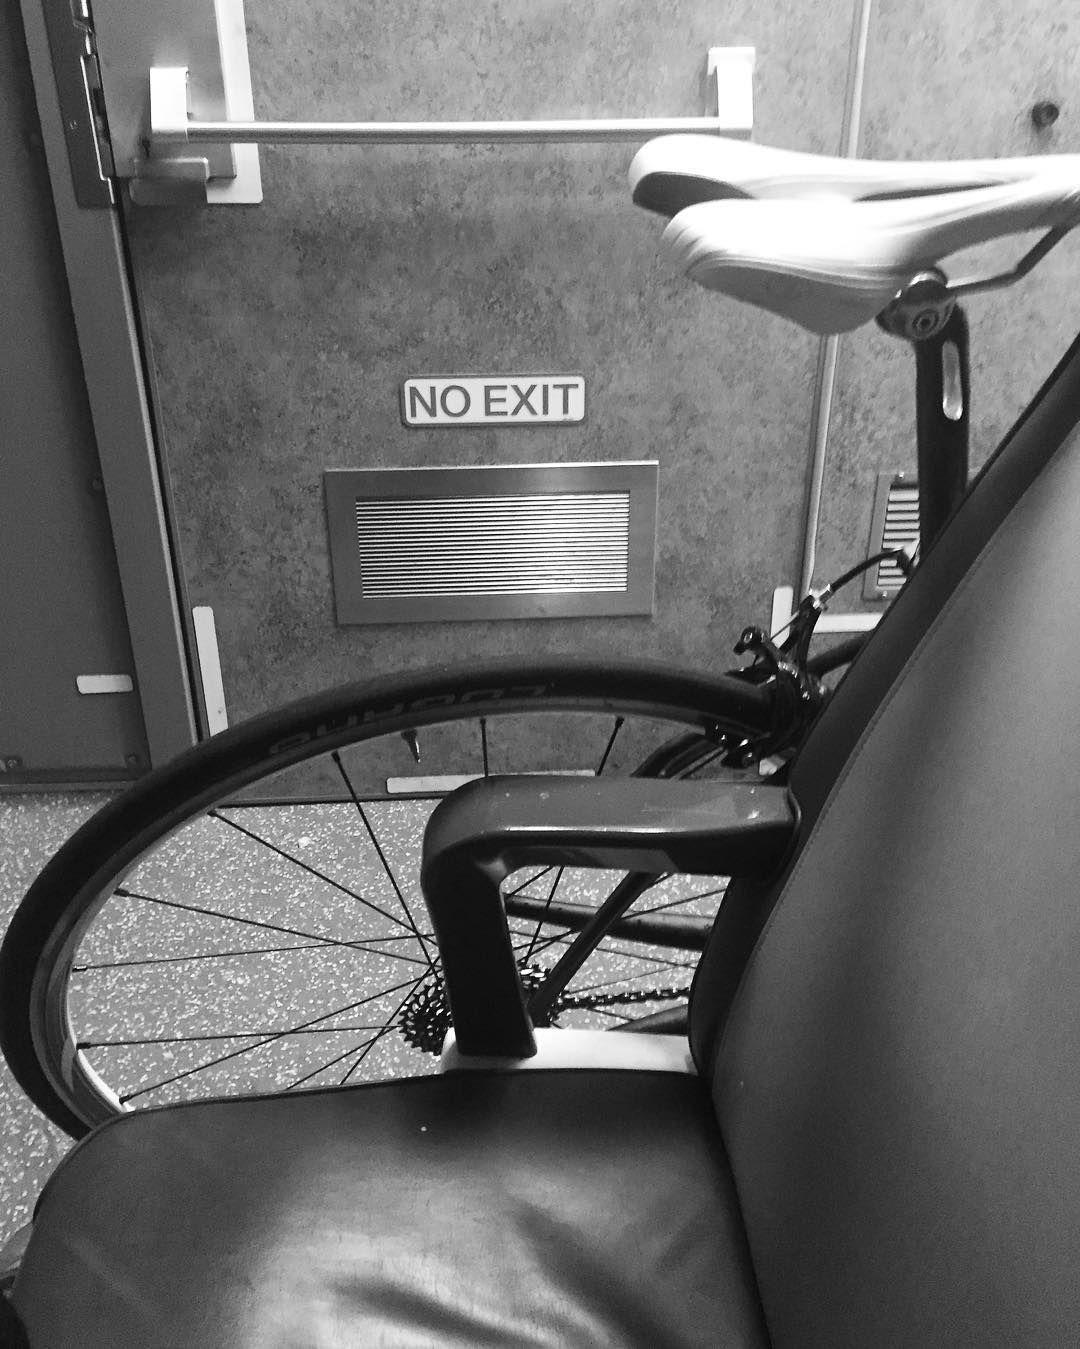 New fella...  #newbike #roadbike #specialized #specializedruby #cycling #bike #newyork #newyorkcity #rideordie #ride #rideout